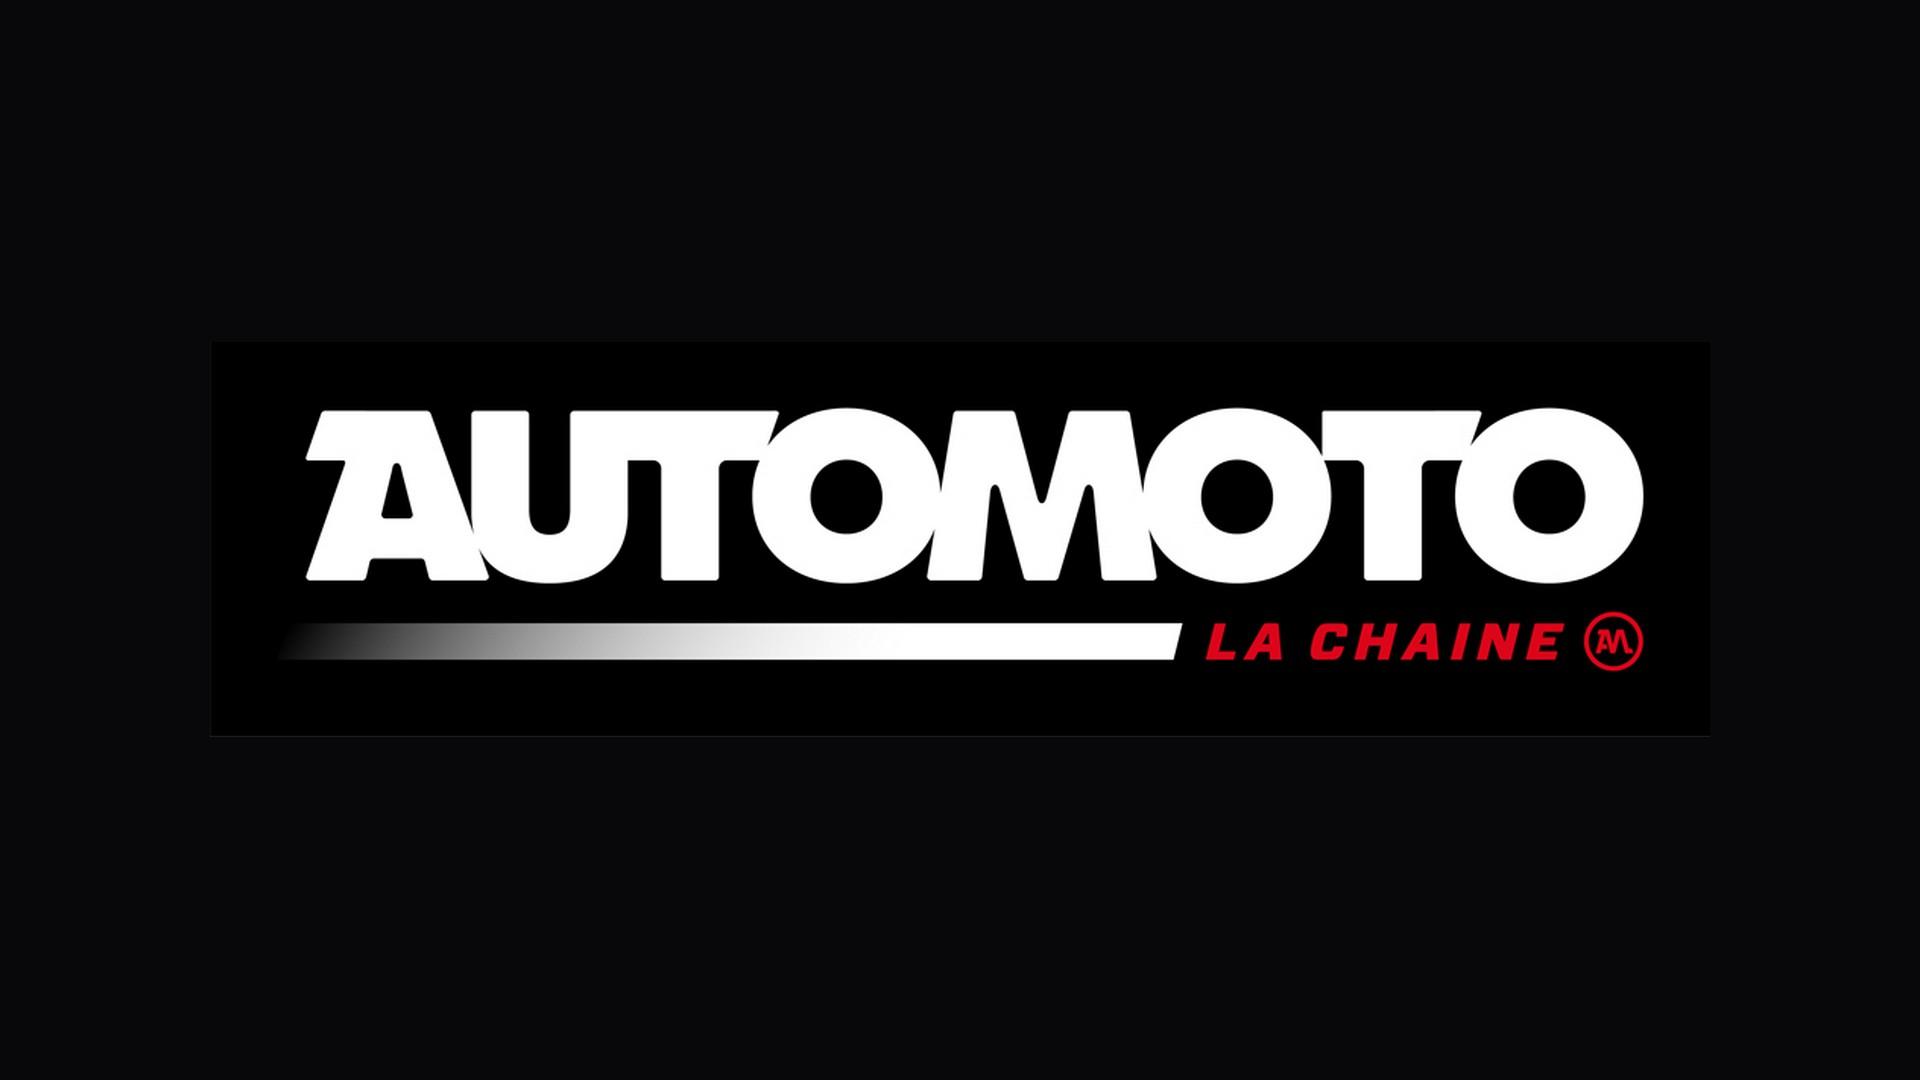 TV Automoto Chaine (1) logo